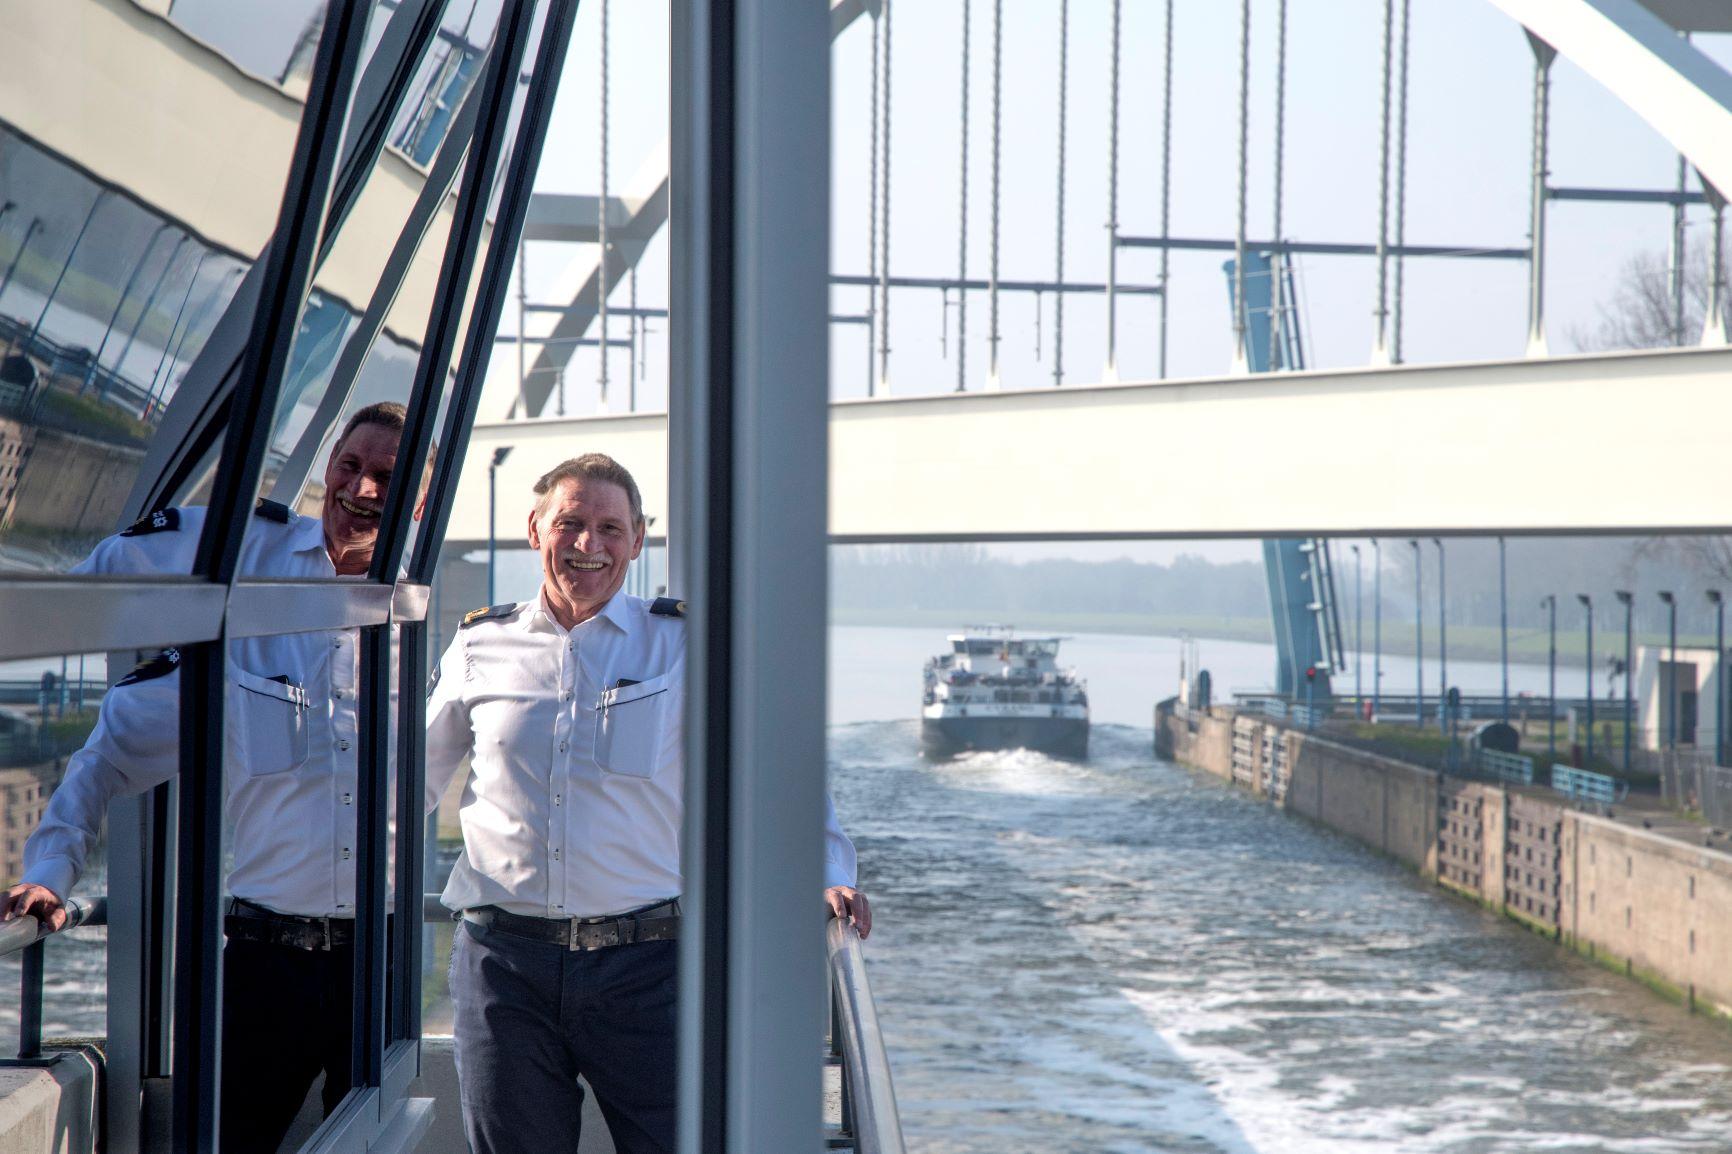 Sluiswachter Bertus Verloop zal de sluis in de toekomst wellicht op afstand bedienen (Foto Ries van Wendel de Joode)